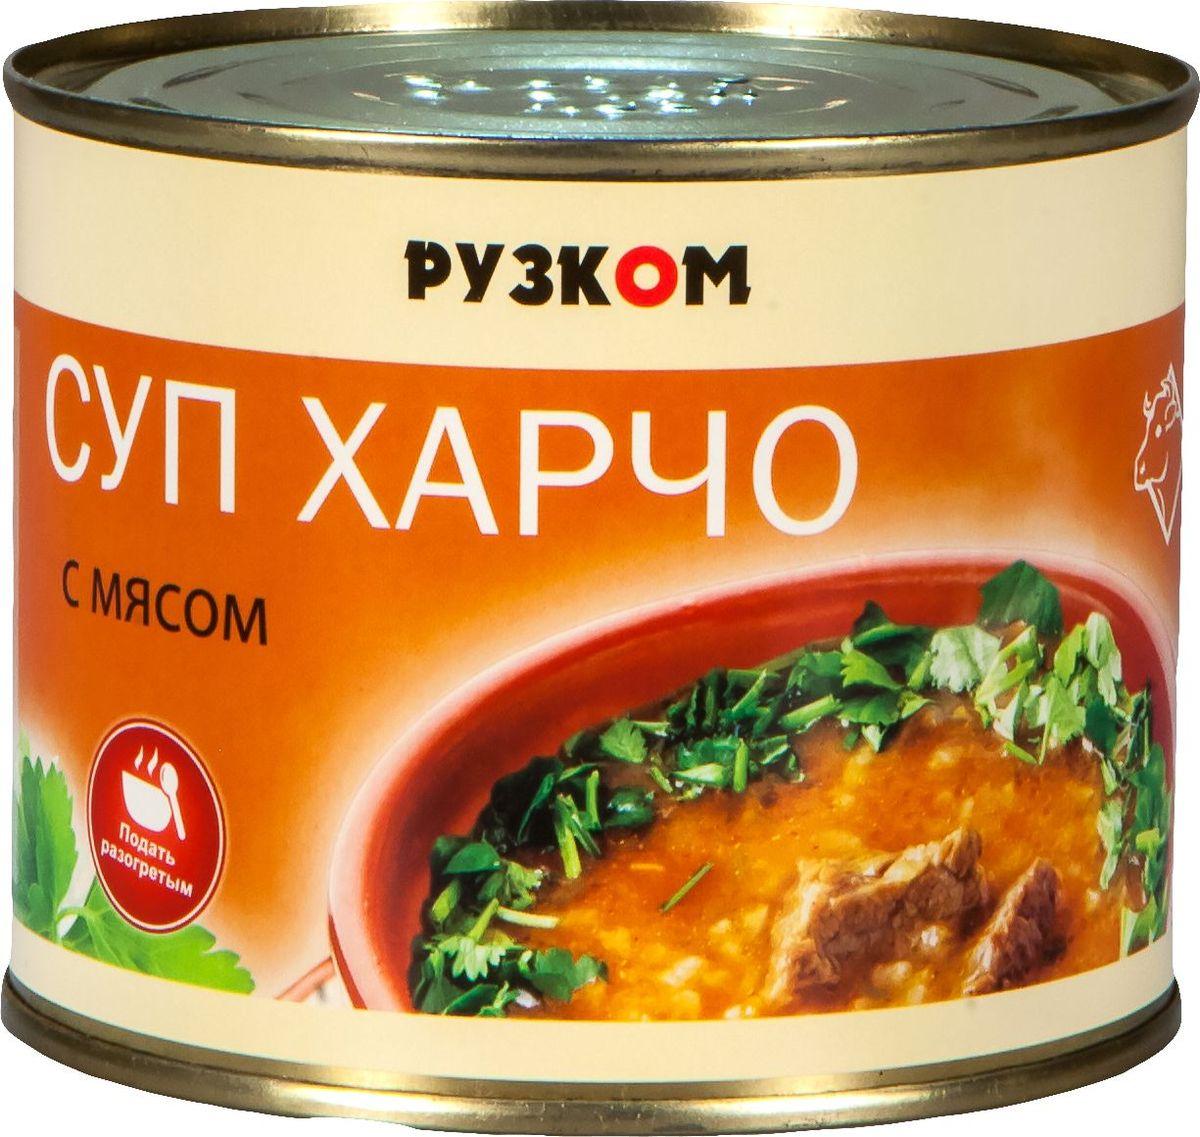 Рузком Суп харчо с мясом, 540 г4606411012159Суп харчо с мясом. Продукт готов к употреблению.